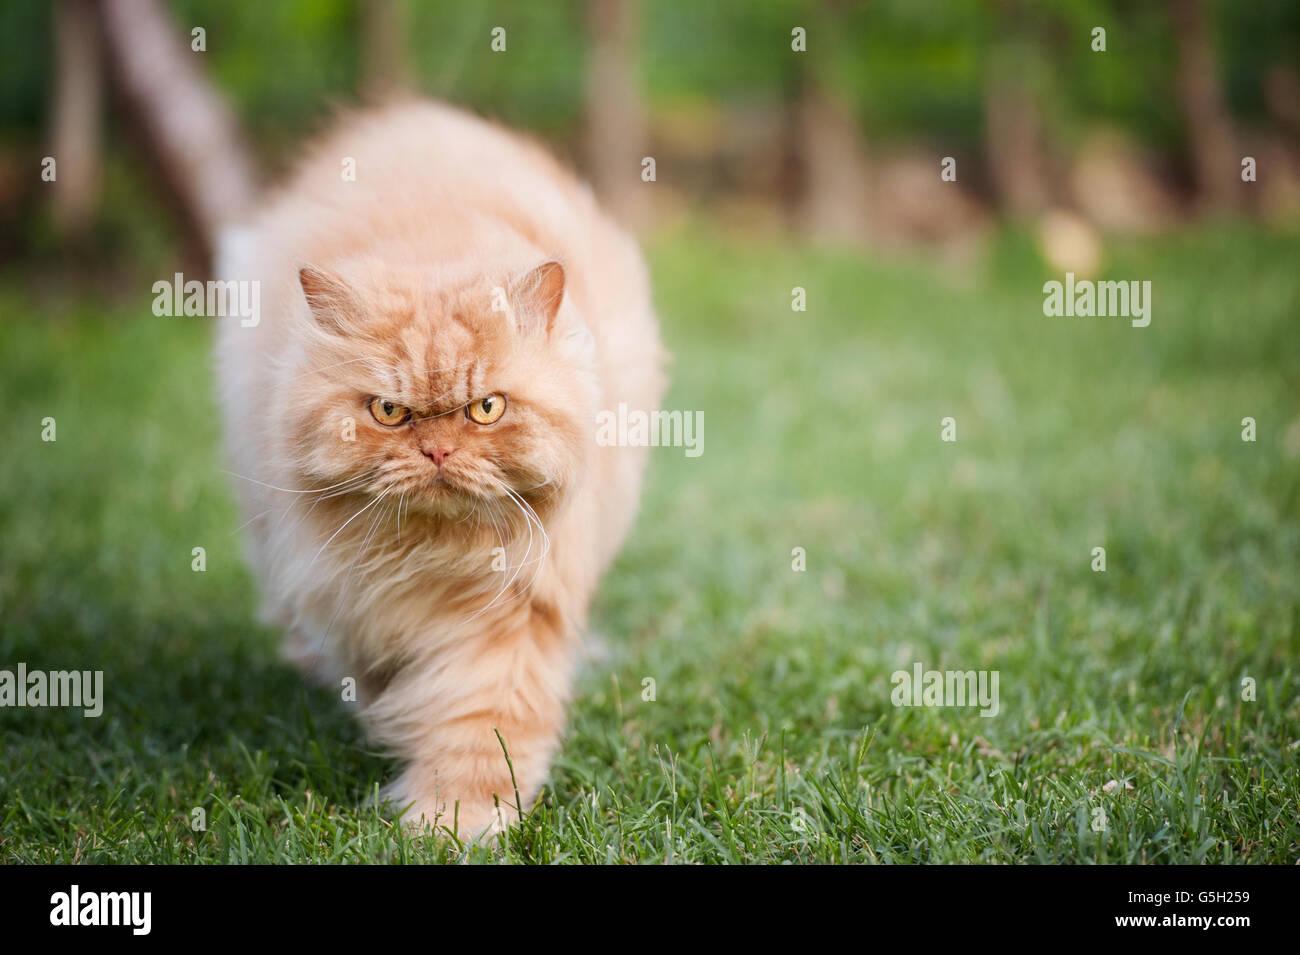 Arrabbiato gatto persiano a piedi Foto Stock